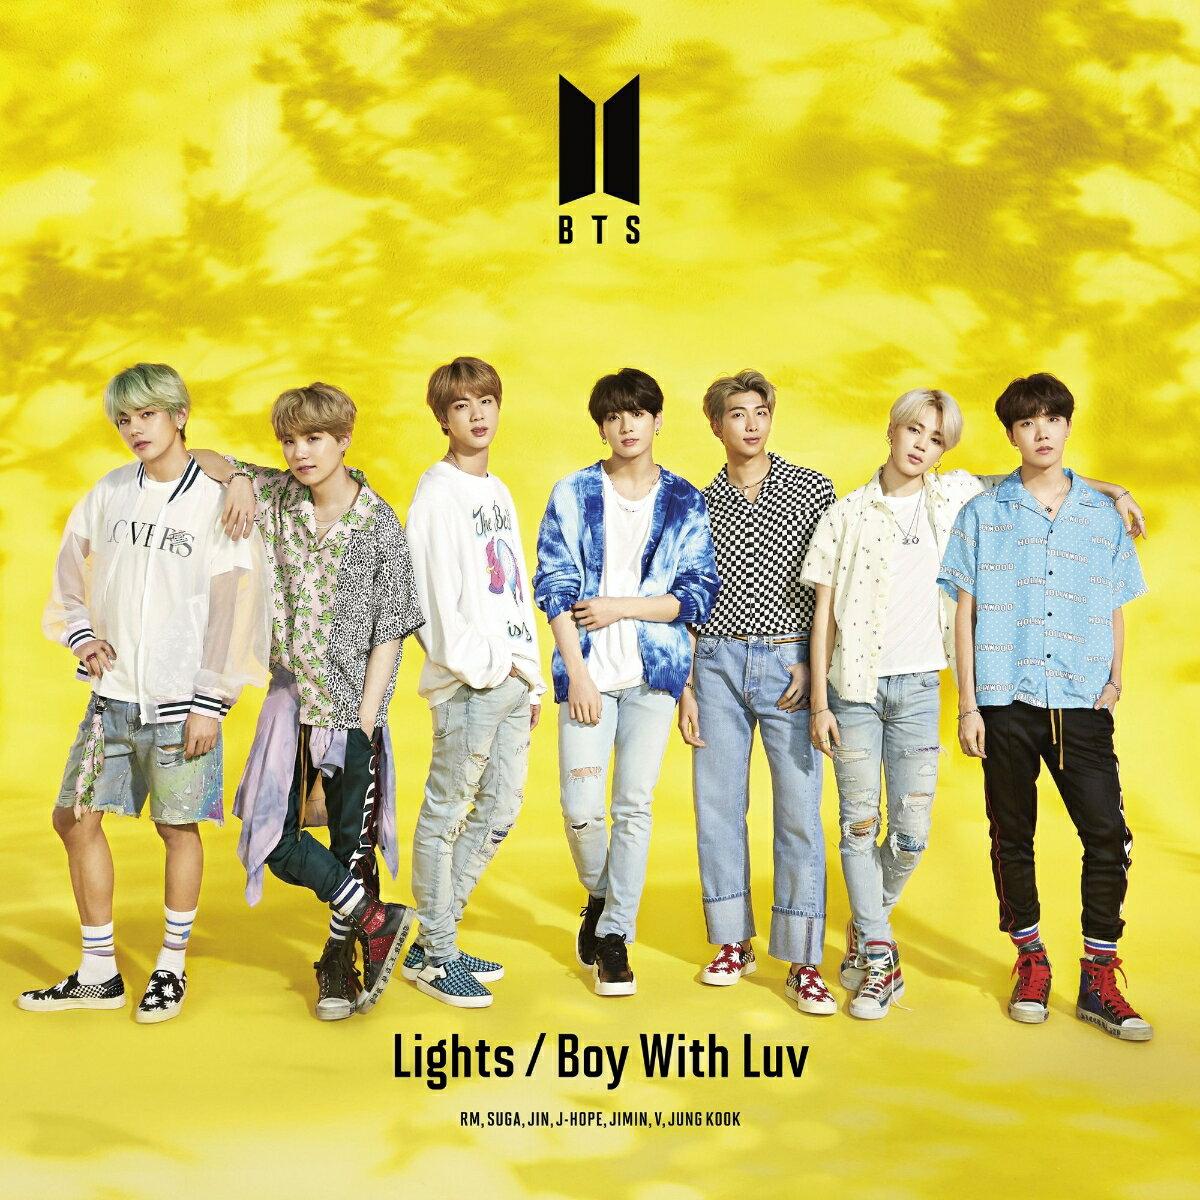 ロック・ポップス, その他 LightsBoy With Luv (A CDDVD) BTS